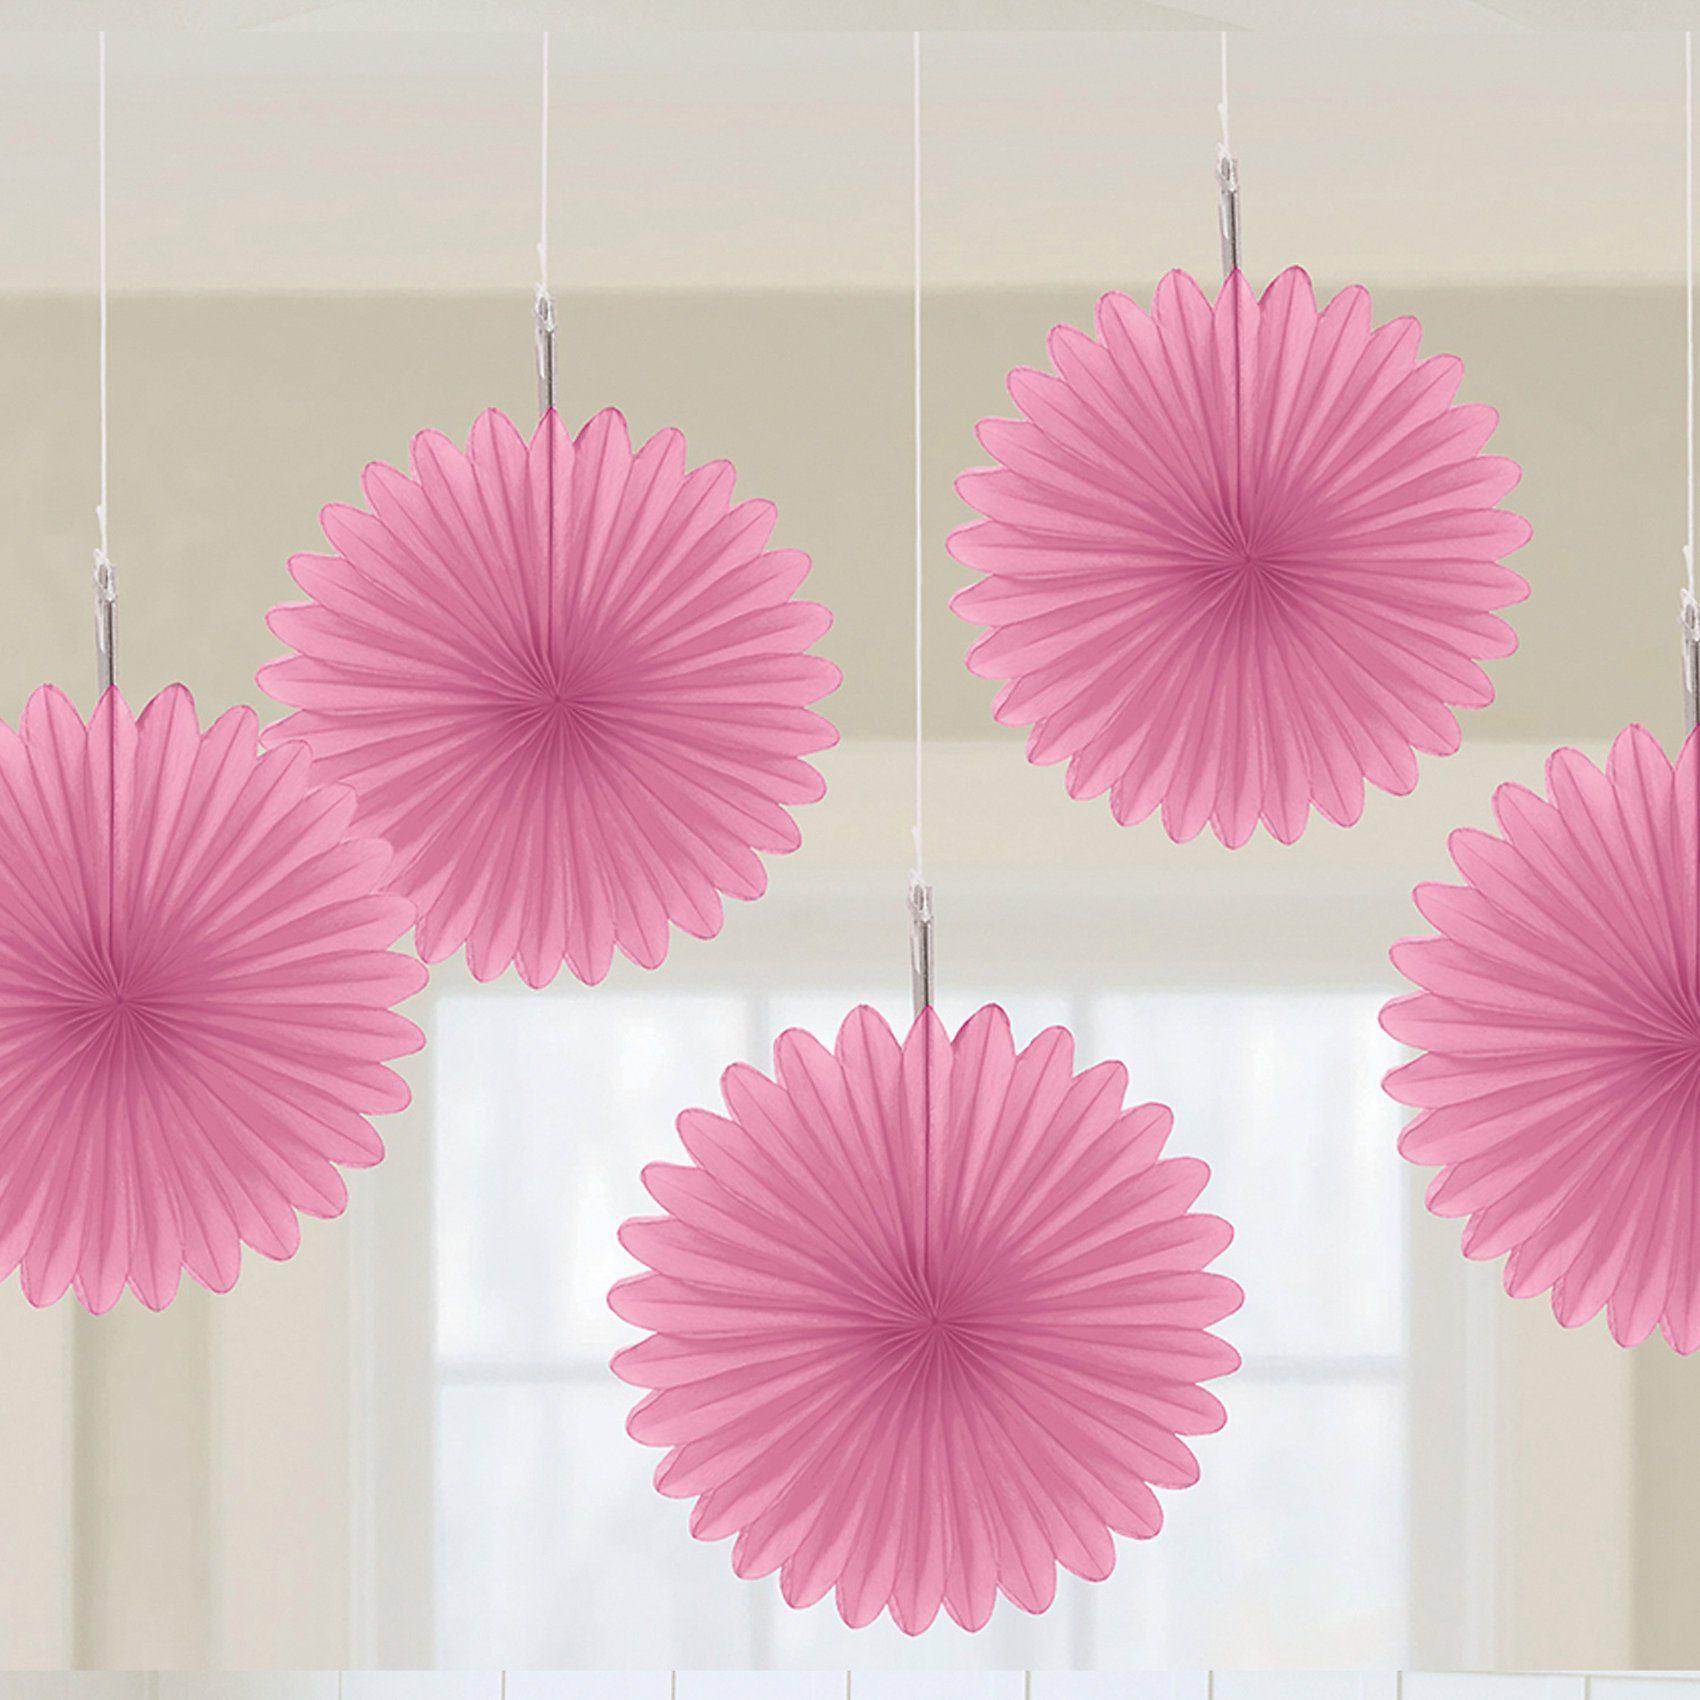 Amscan Papier-Dekofächer pink, 5 Stück